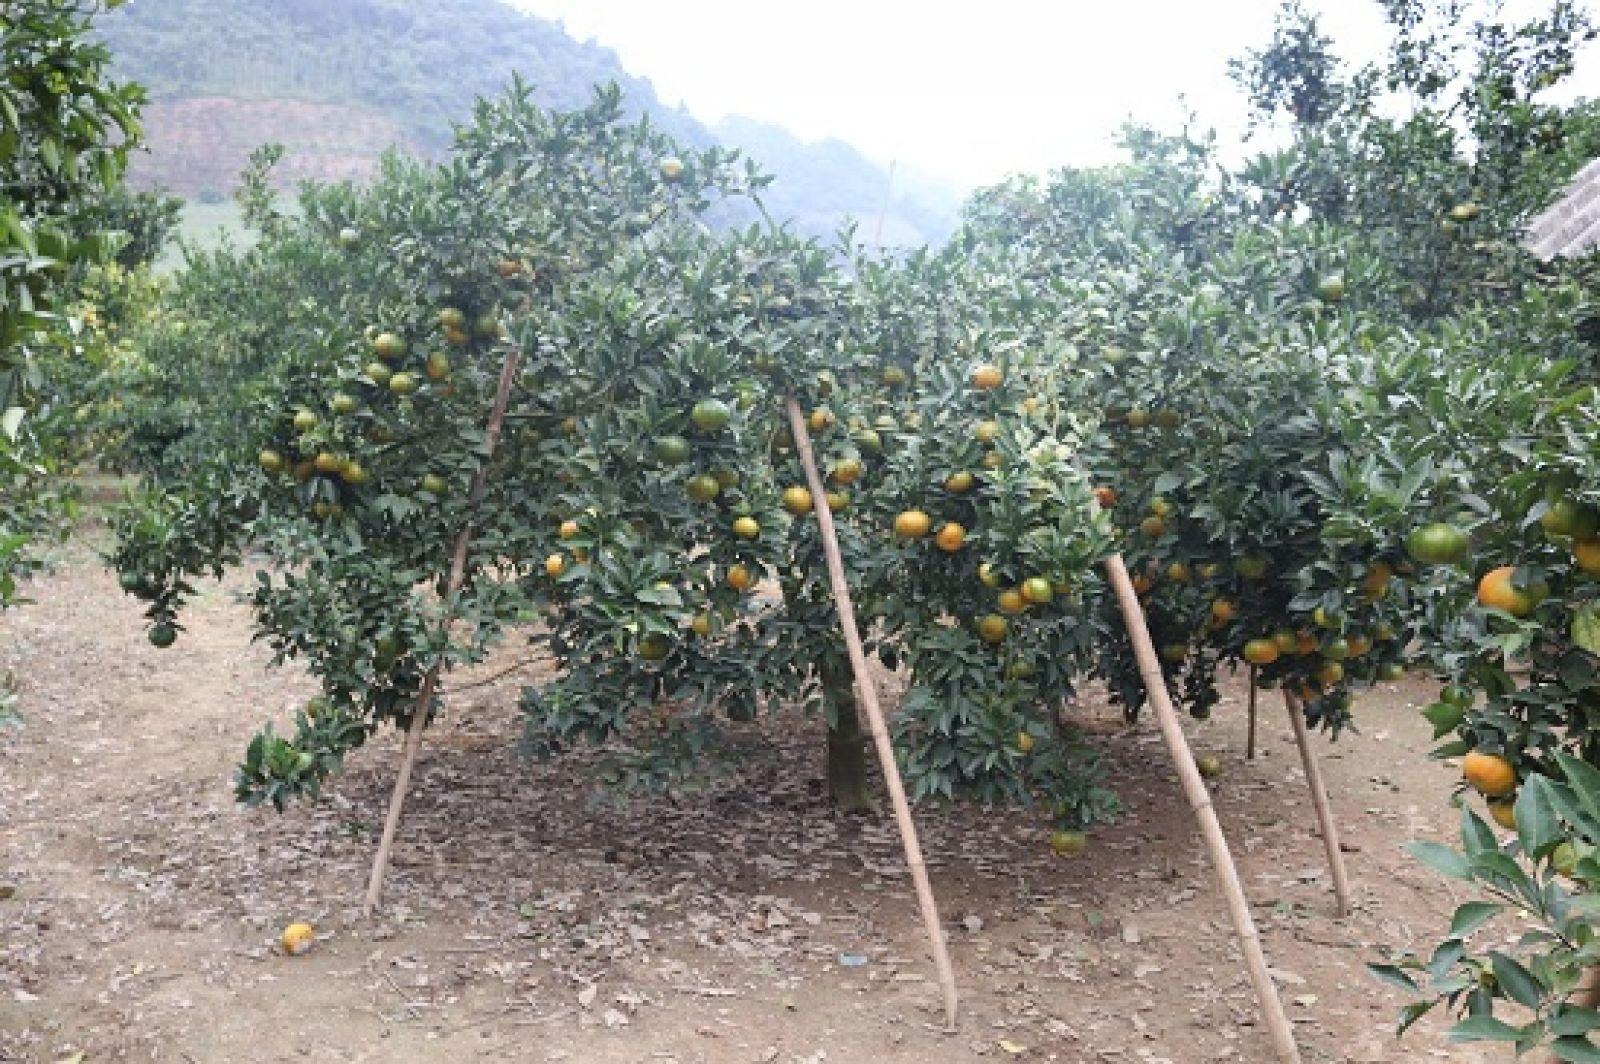 Nhờ cách chăm sóc tốt, nên vườn cam Canh của anh Long sai trĩu quả.